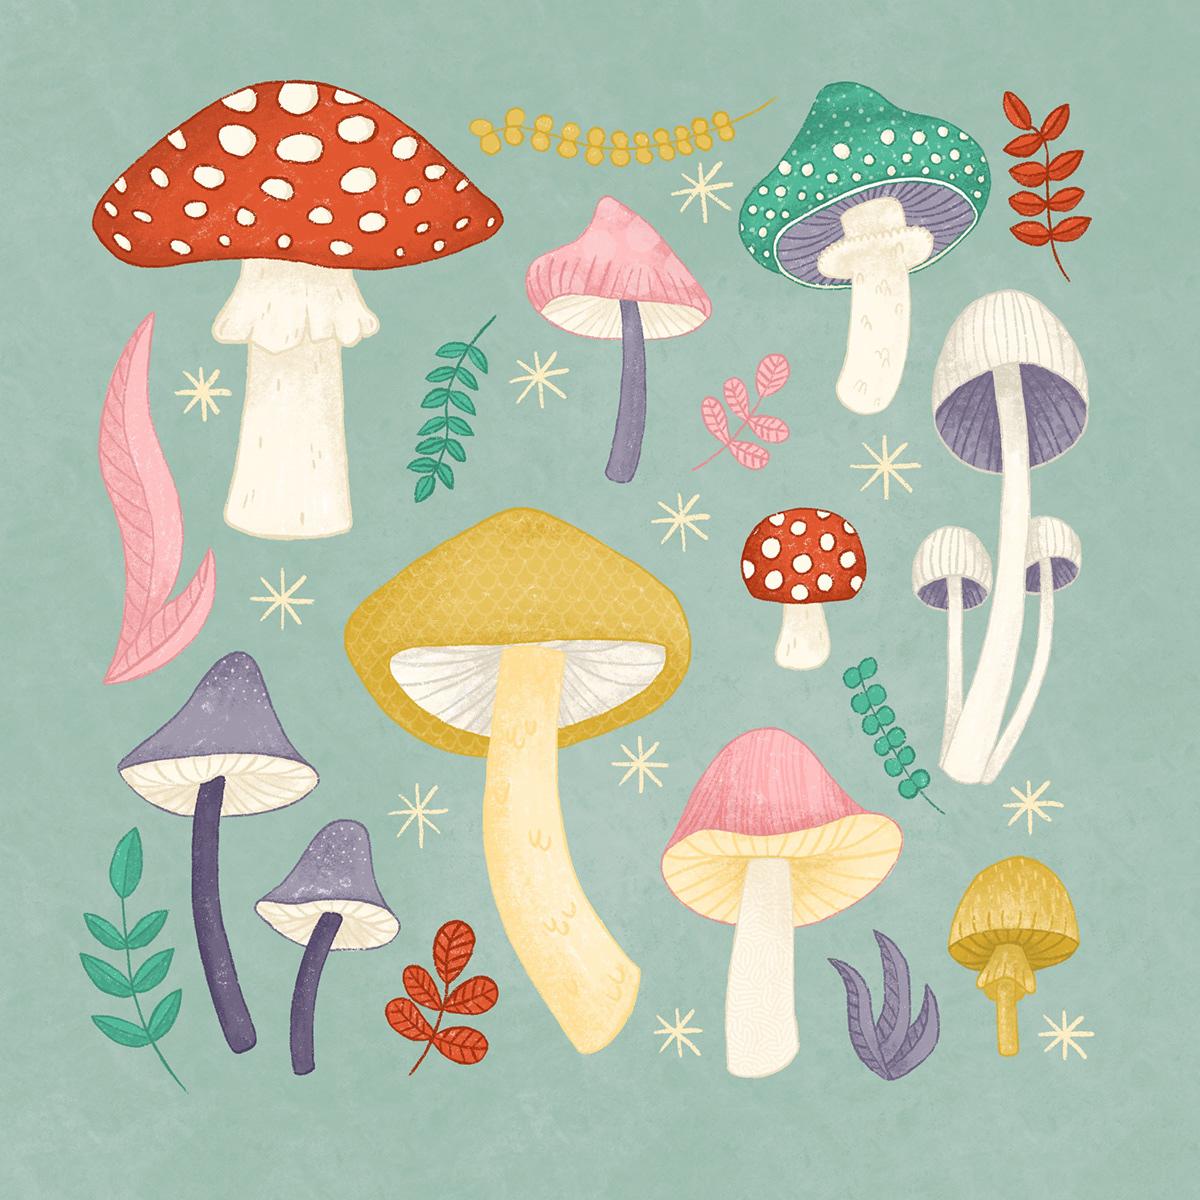 cottagecore cute fairy ILLUSTRATION  Magical Mushrooms Nature pastel toadstools vintage